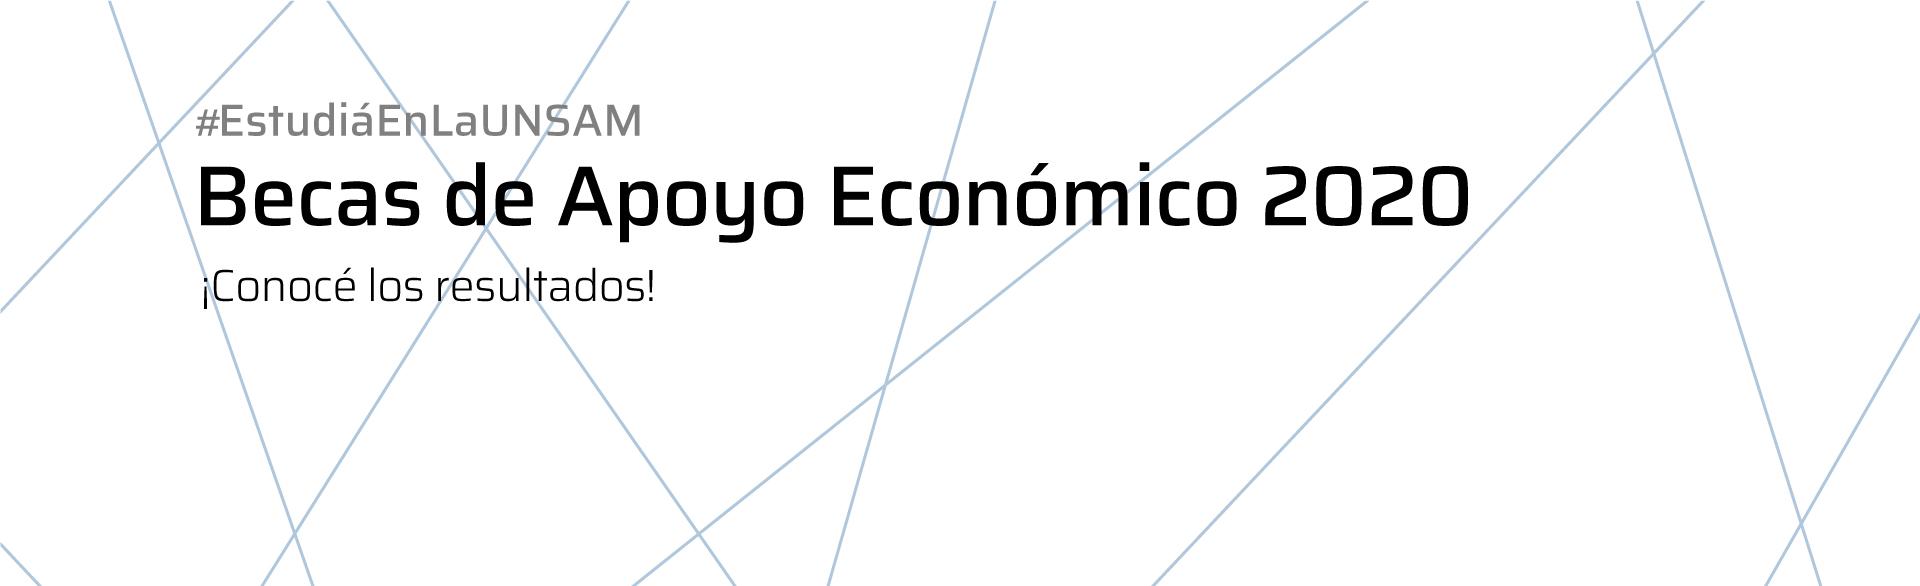 Becas de Apoyo Económico 2020